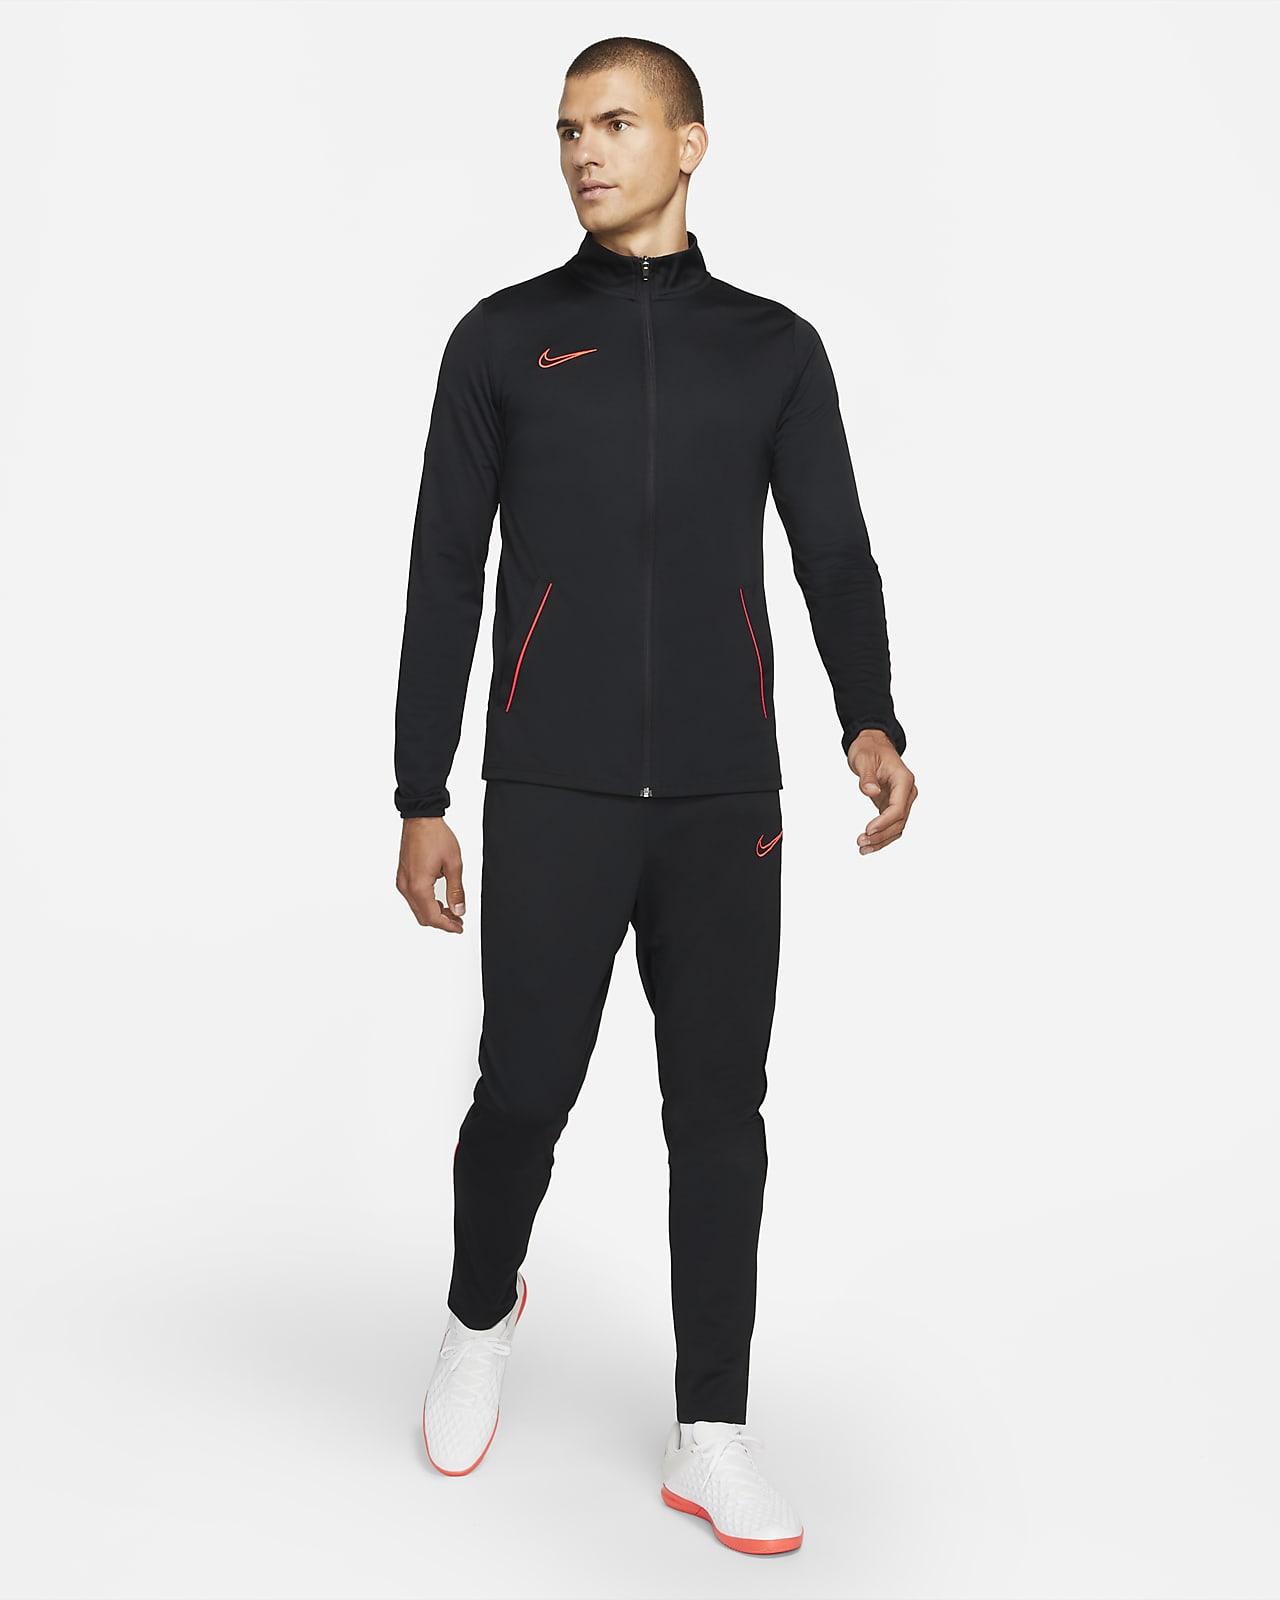 Ανδρική πλεκτή ποδοσφαιρική φόρμα Nike Dri-FIT Academy